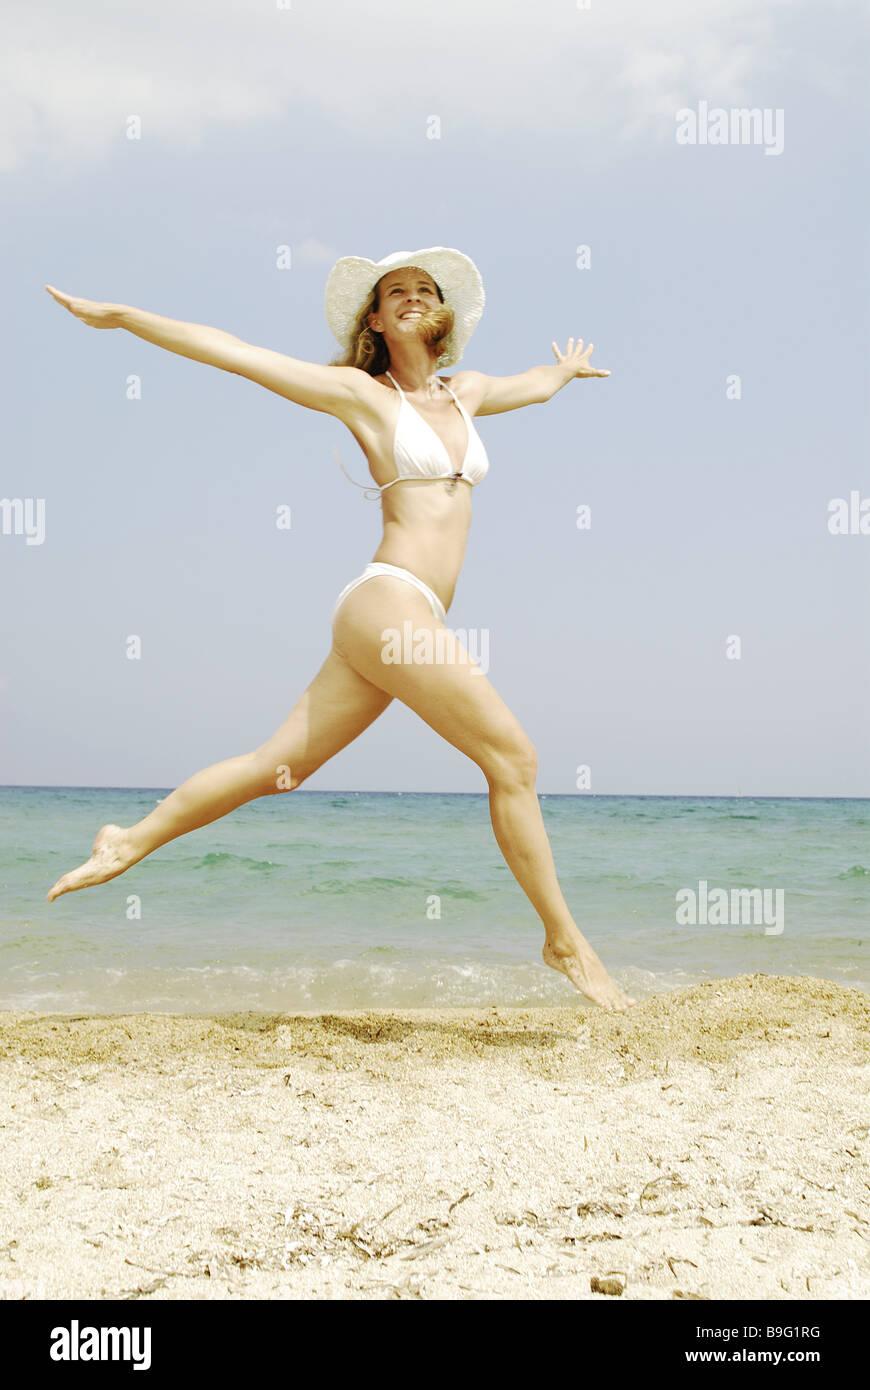 Playa Bikini mujer sombrero corriendo alegremente caper series personas  rubia vestido de baño sombrero de paja sombrerería movimiento retozar 73fd92b64d8